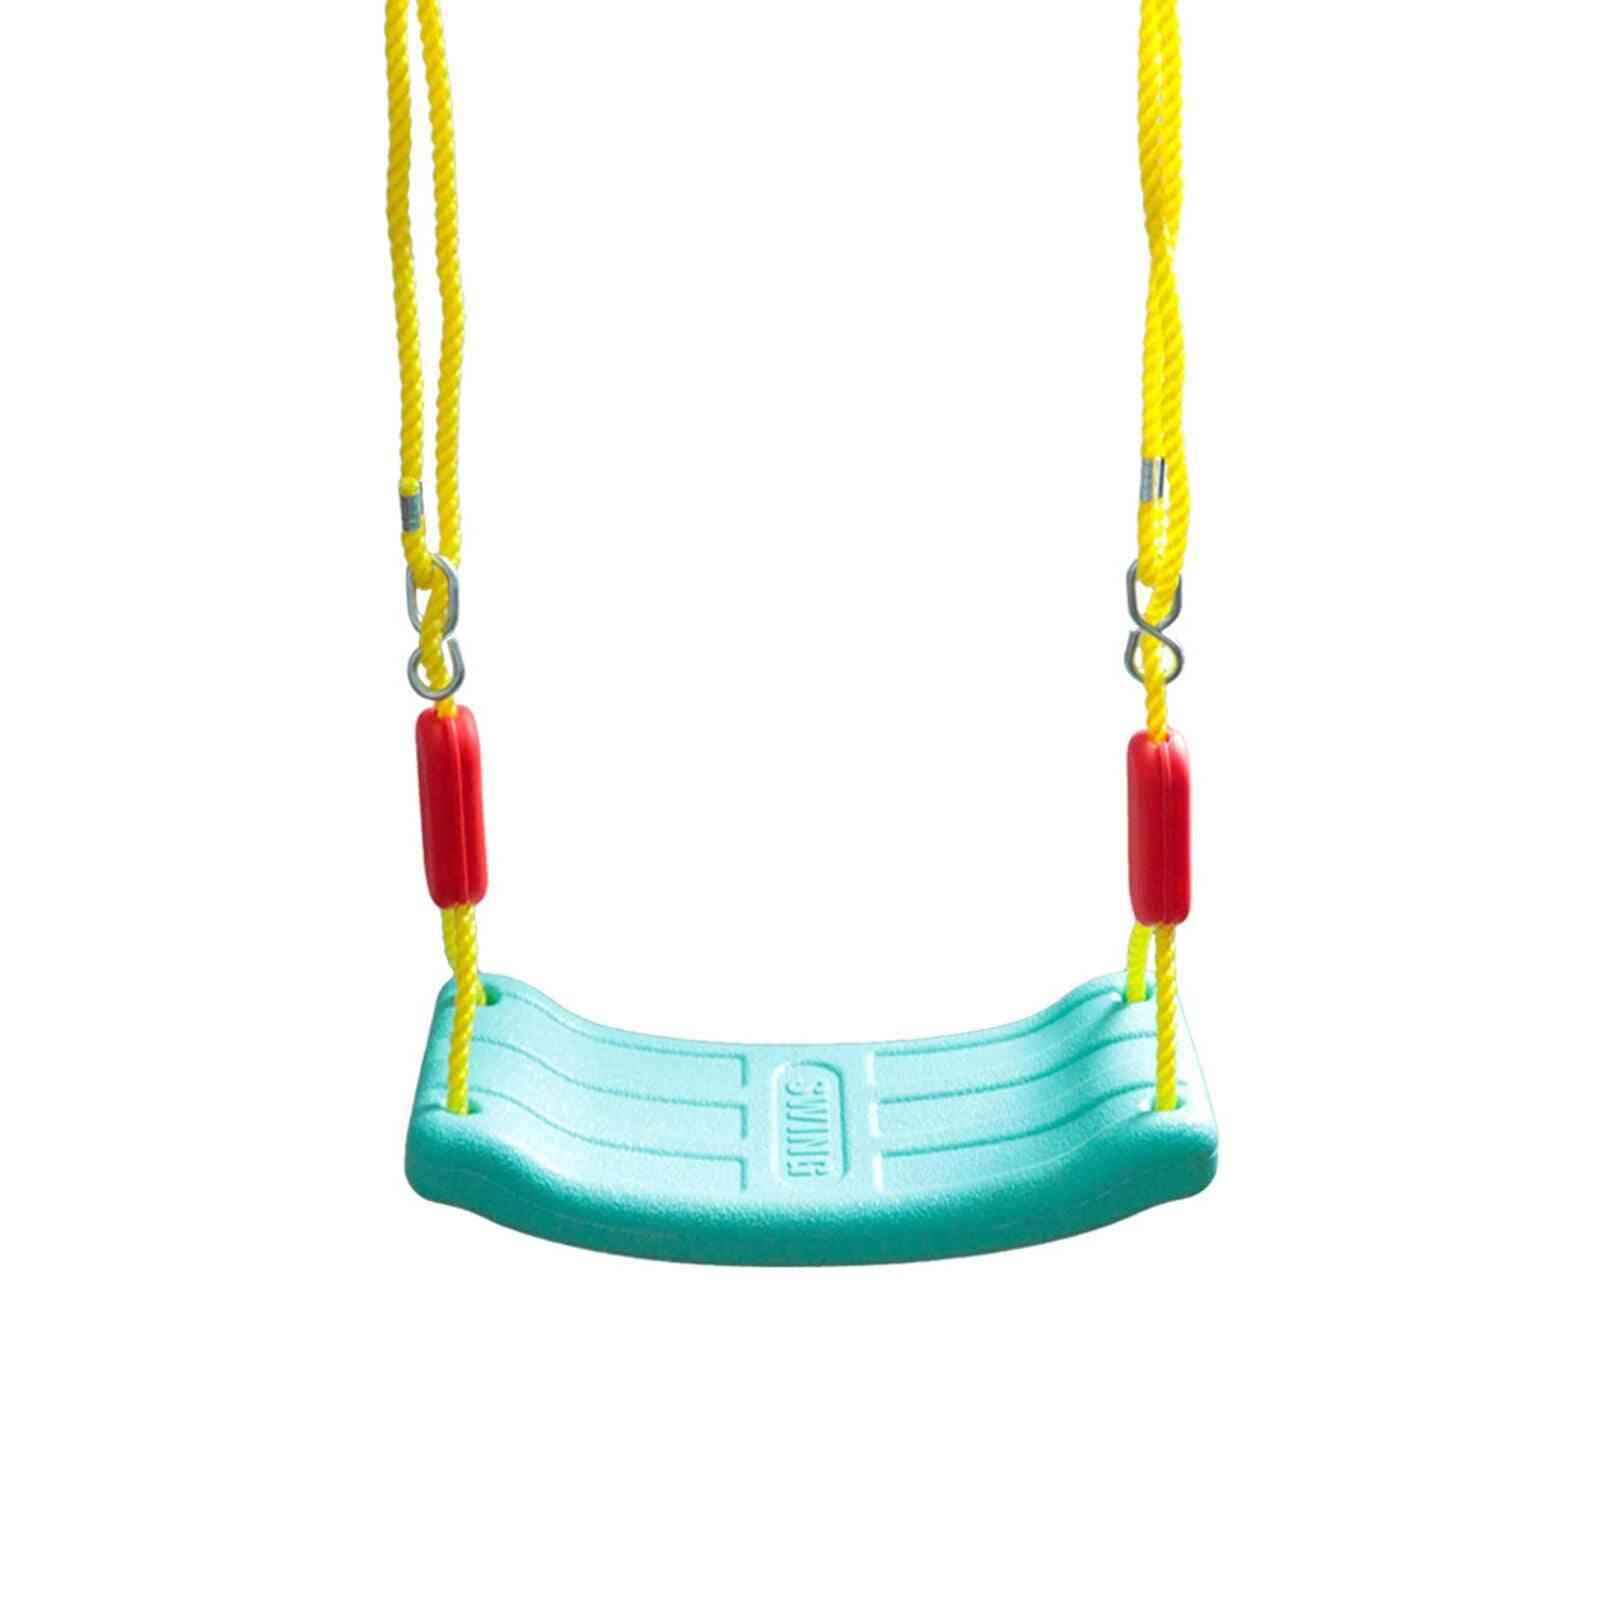 Kids Outdoor Indoor Garden Plastic Swing Seat Accessories With Adjustable Rope For, Sport